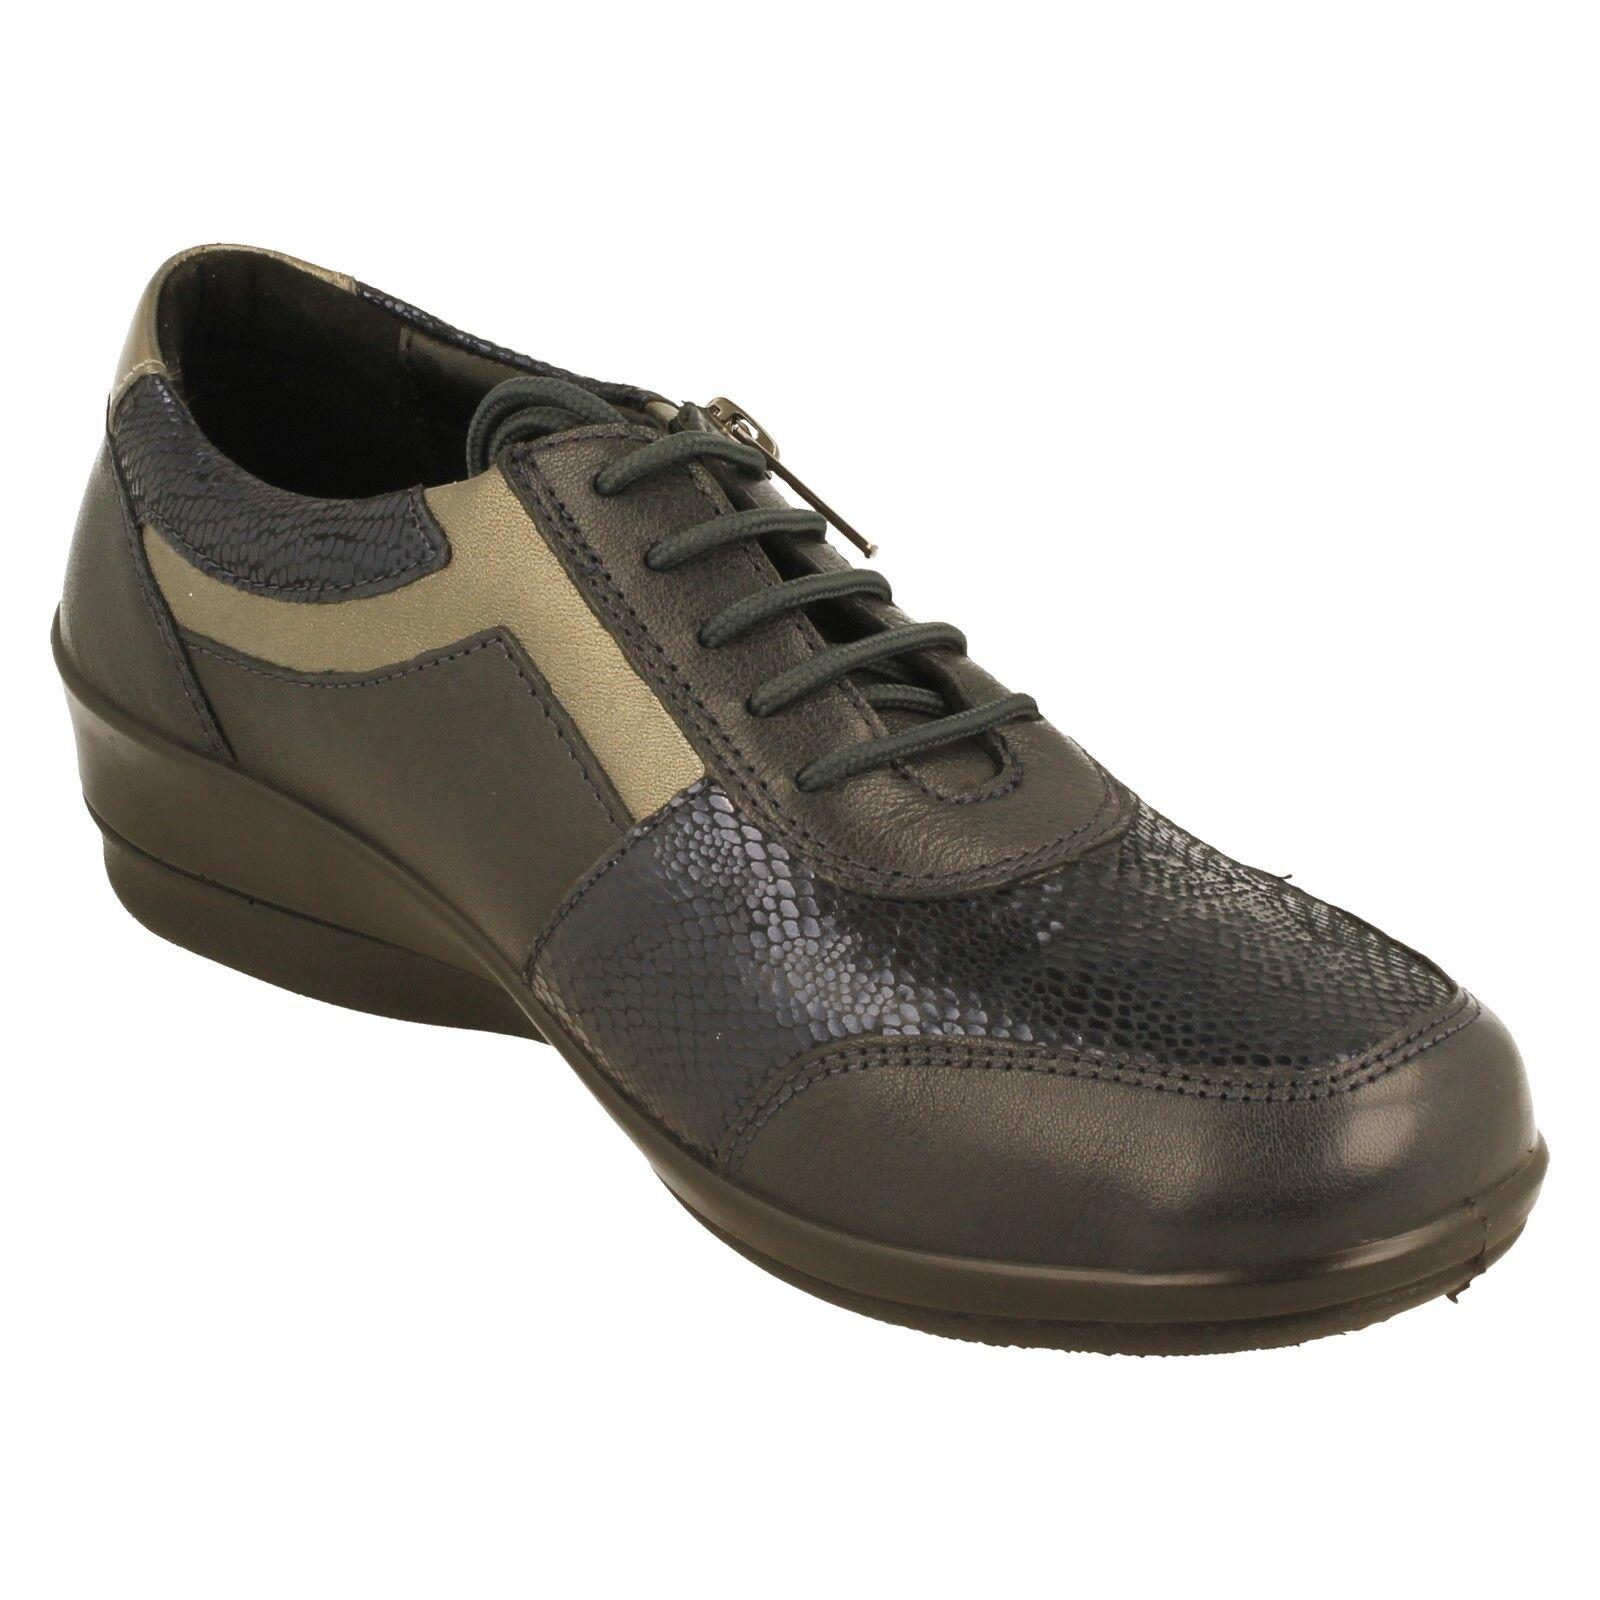 Damenschuhe Padders Schuhe Casual - - - Steffi2 08ebaa